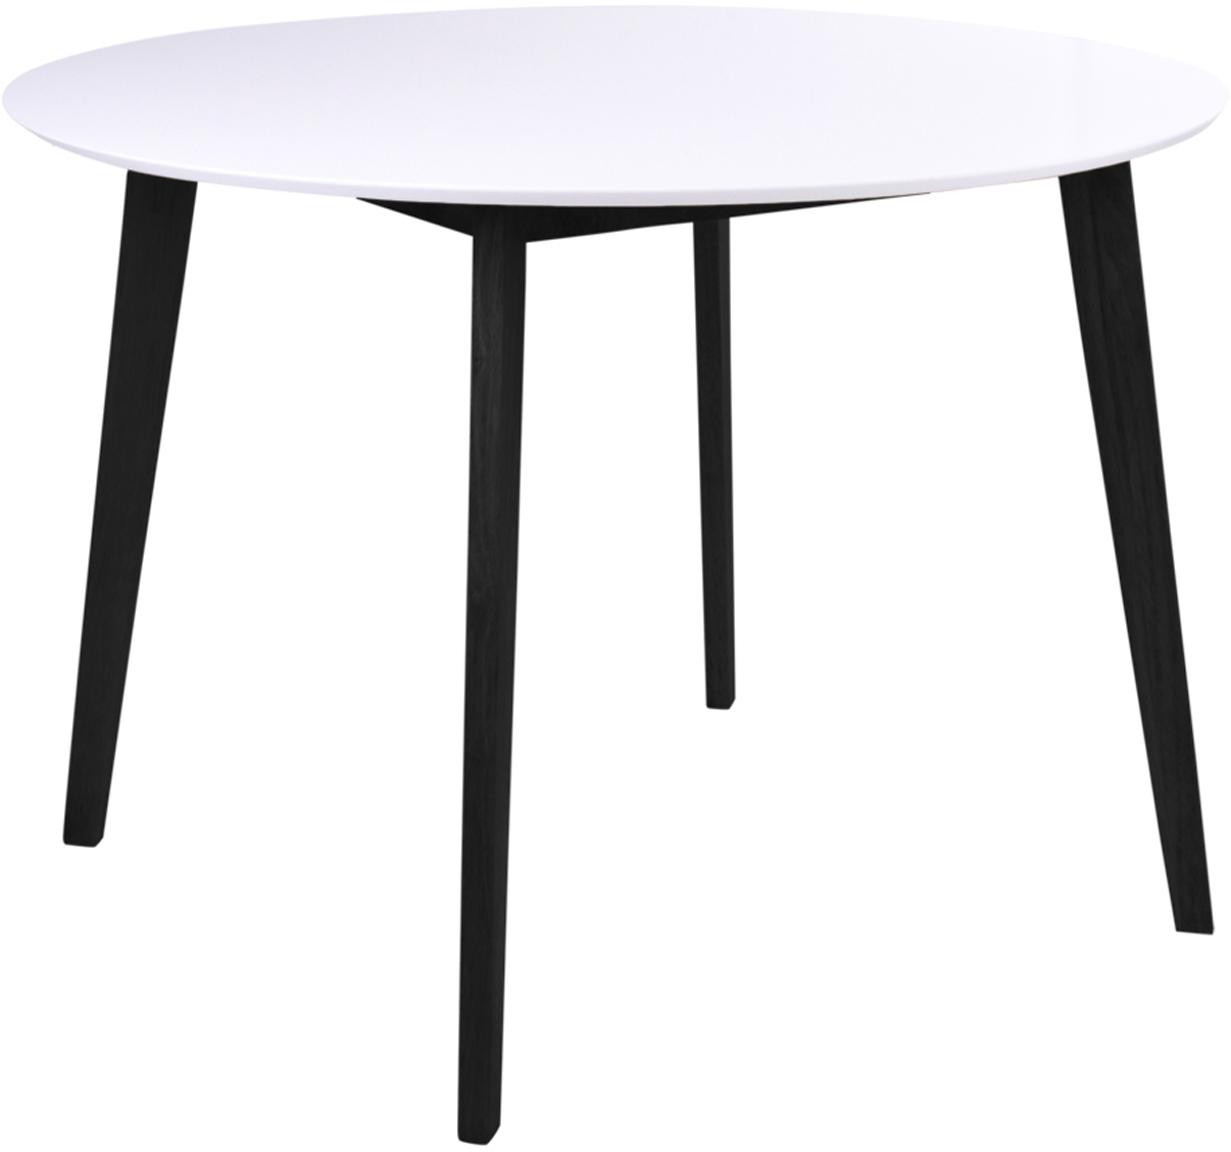 Okrągły stół do jadalni z jasnym blatem Vojens, Blat: płyta pilśniowa średniej , Nogi: drewno kauczukowe, Biały, czarny, Ø 105 x W 75 cm